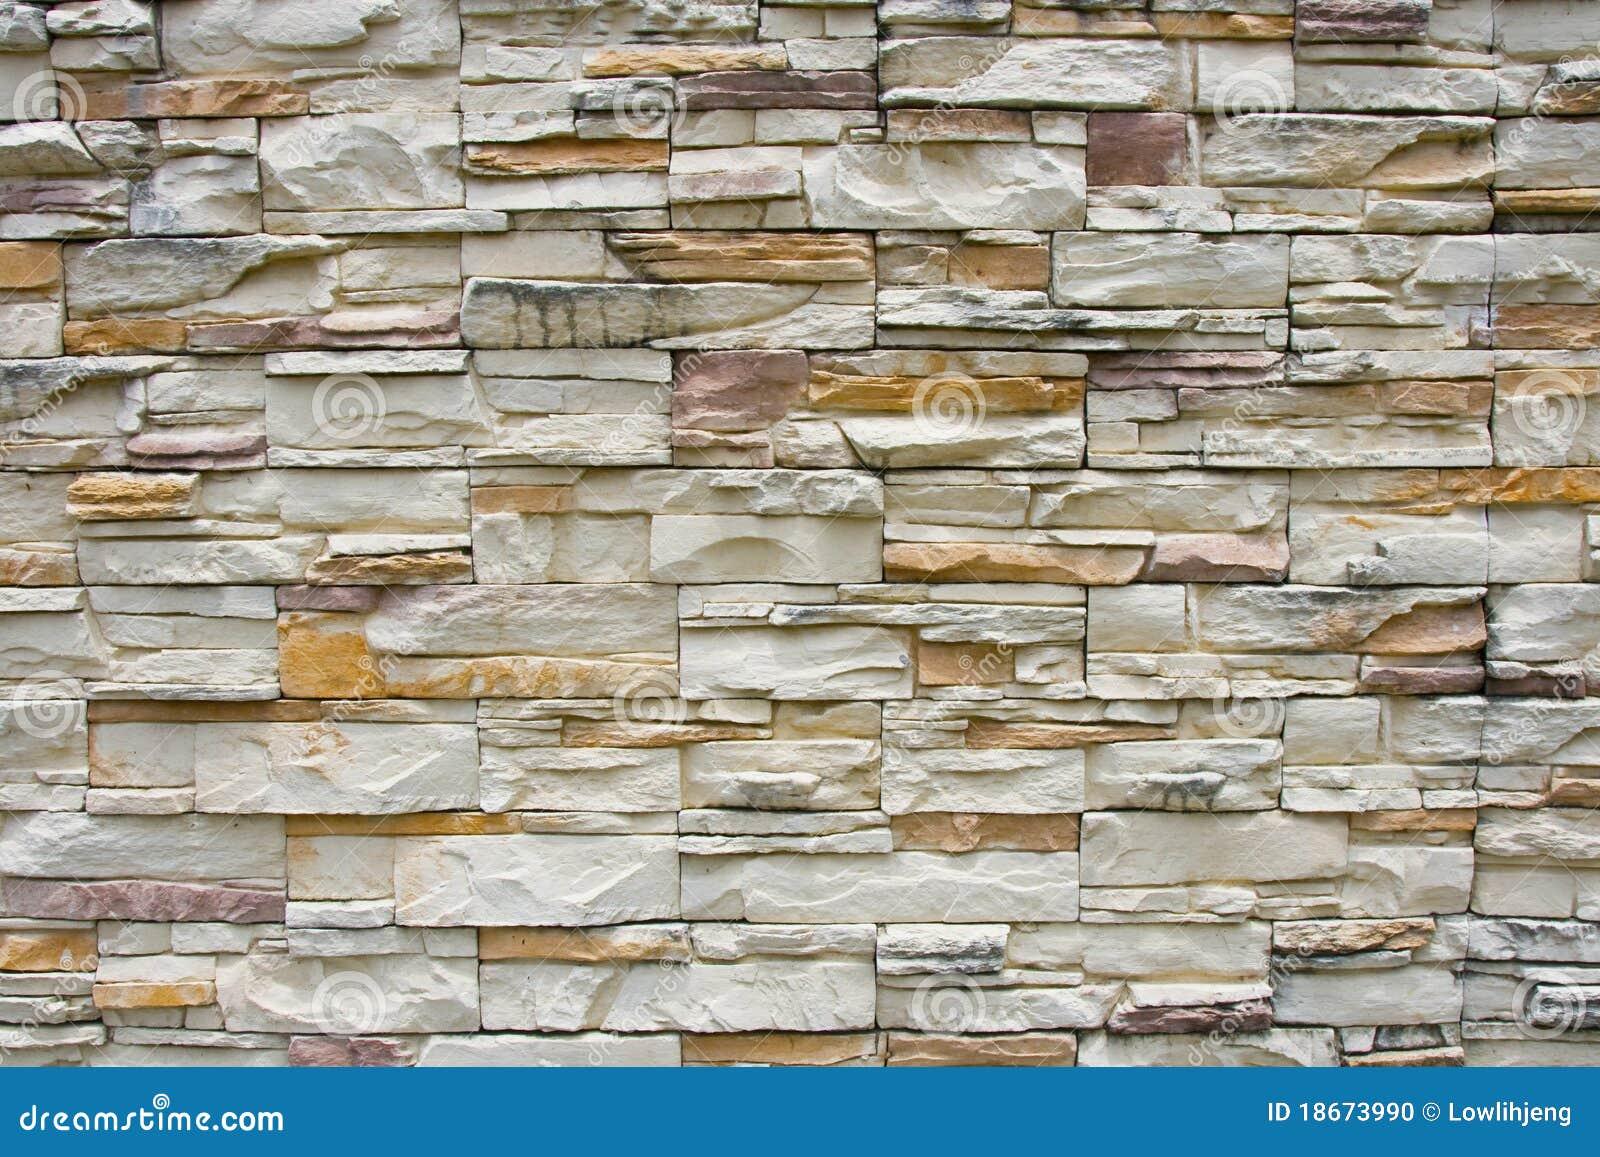 Revestimiento de la pared de piedra foto de archivo - Revestimiento de paredes imitacion piedra ...